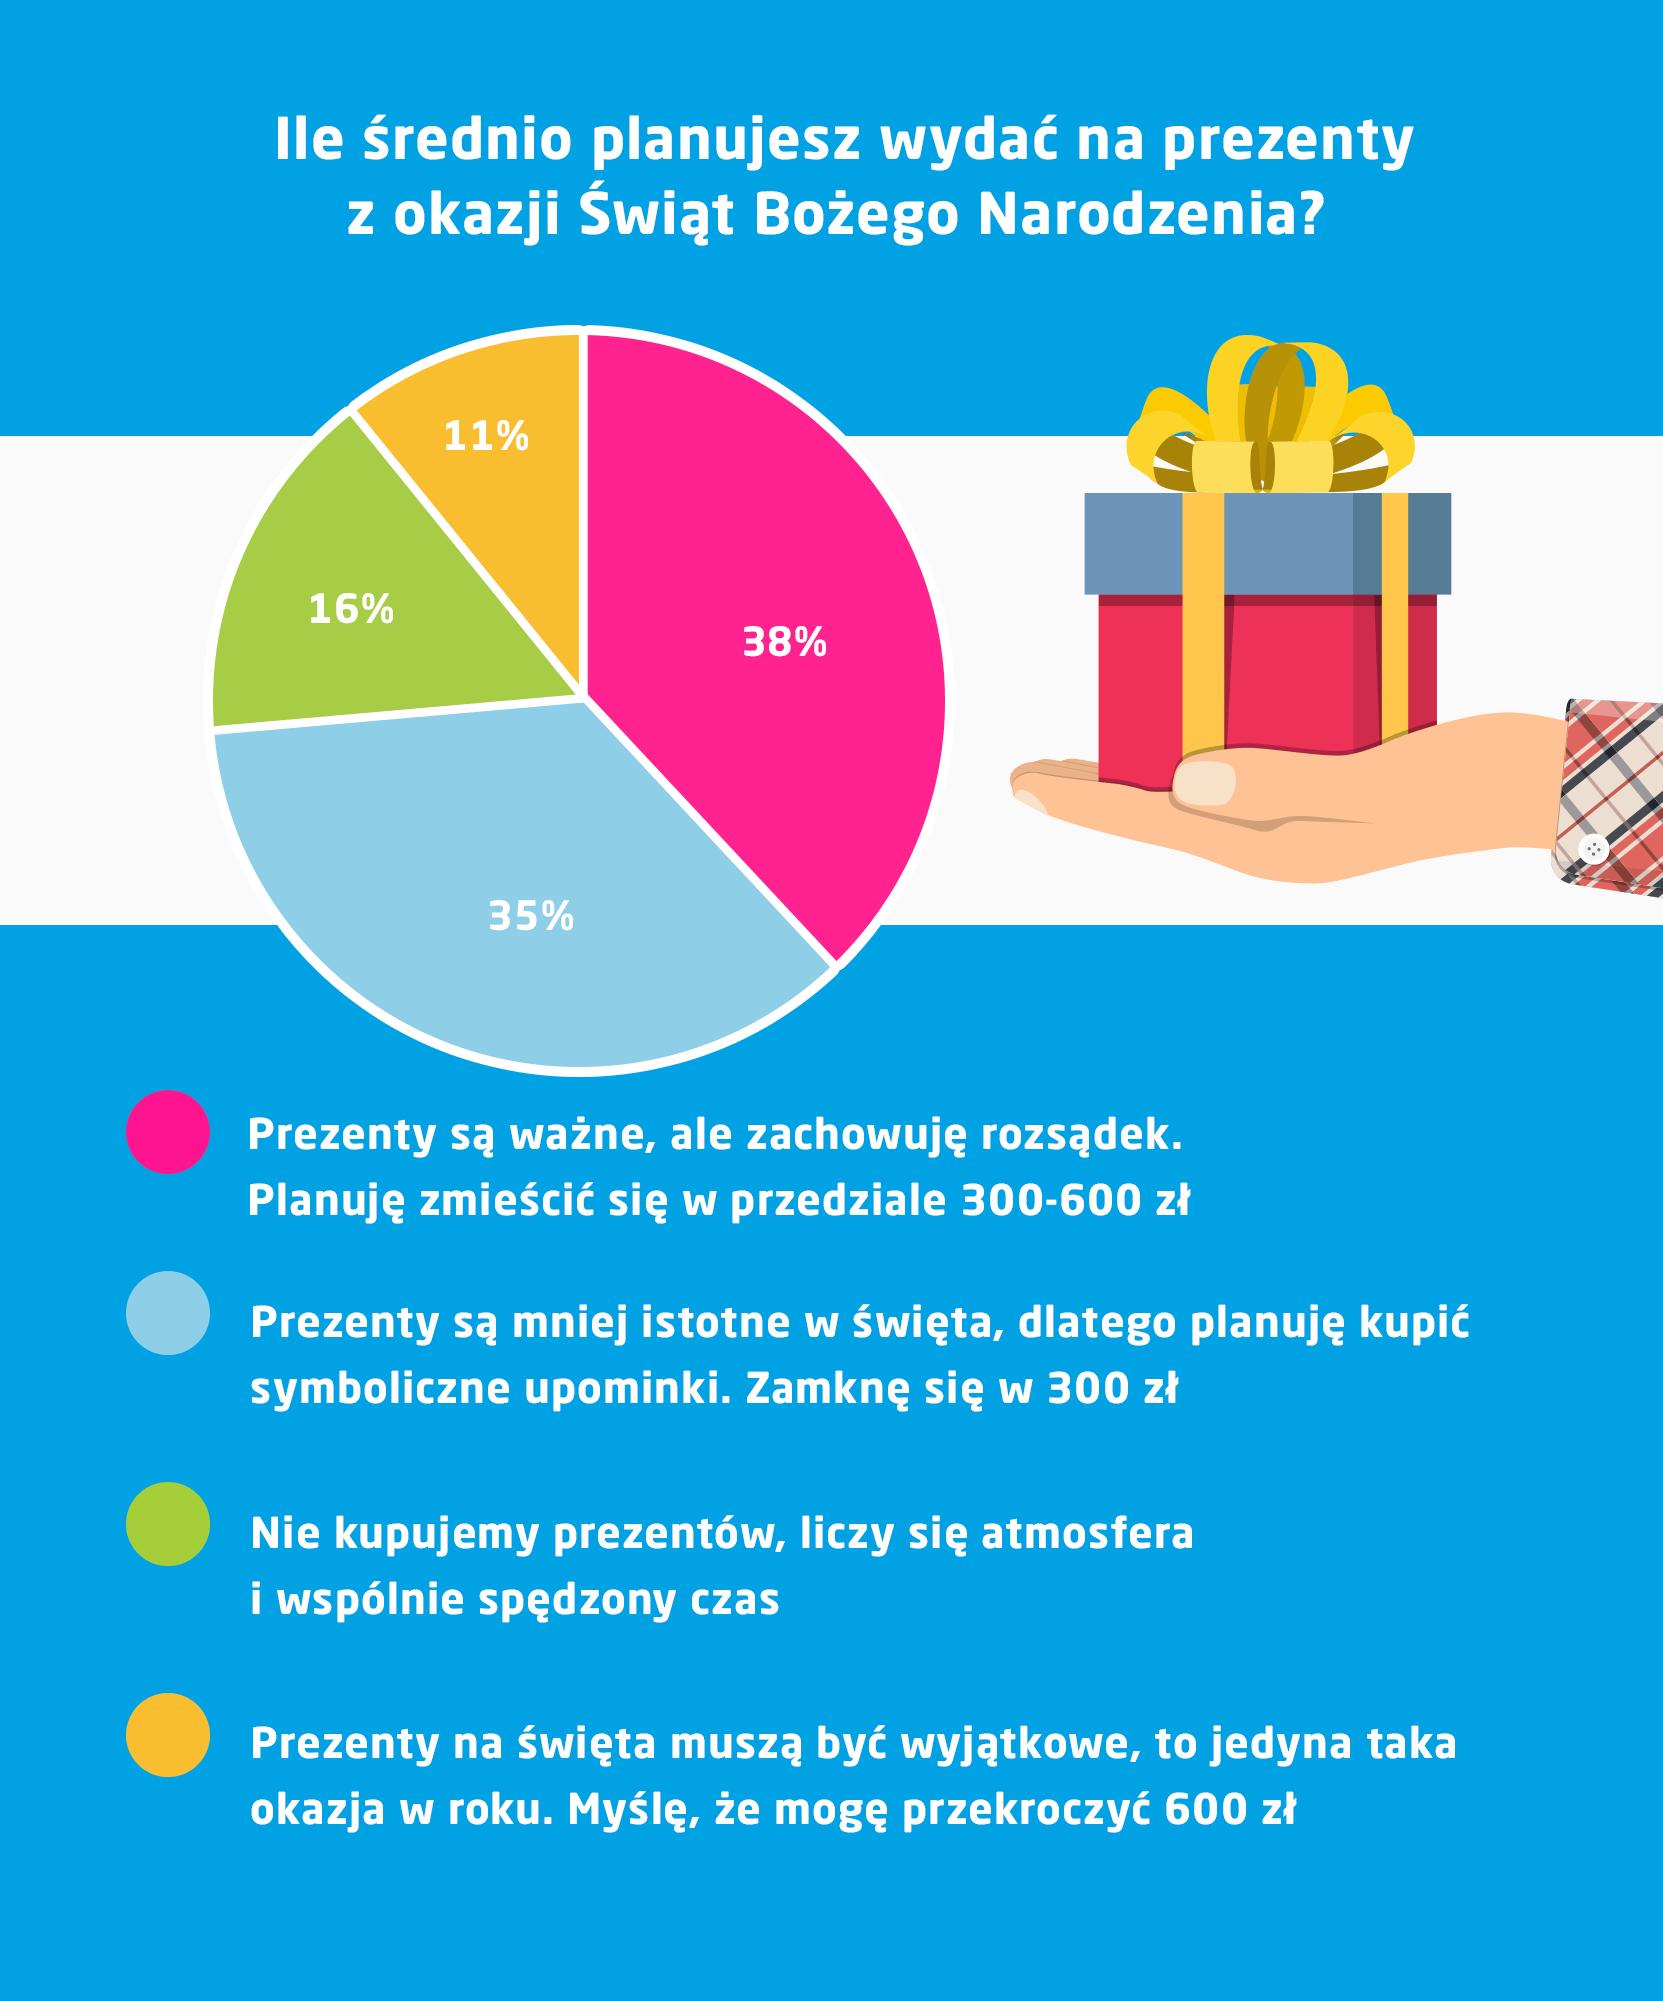 ile planujesz wydać na prezenty? infografika